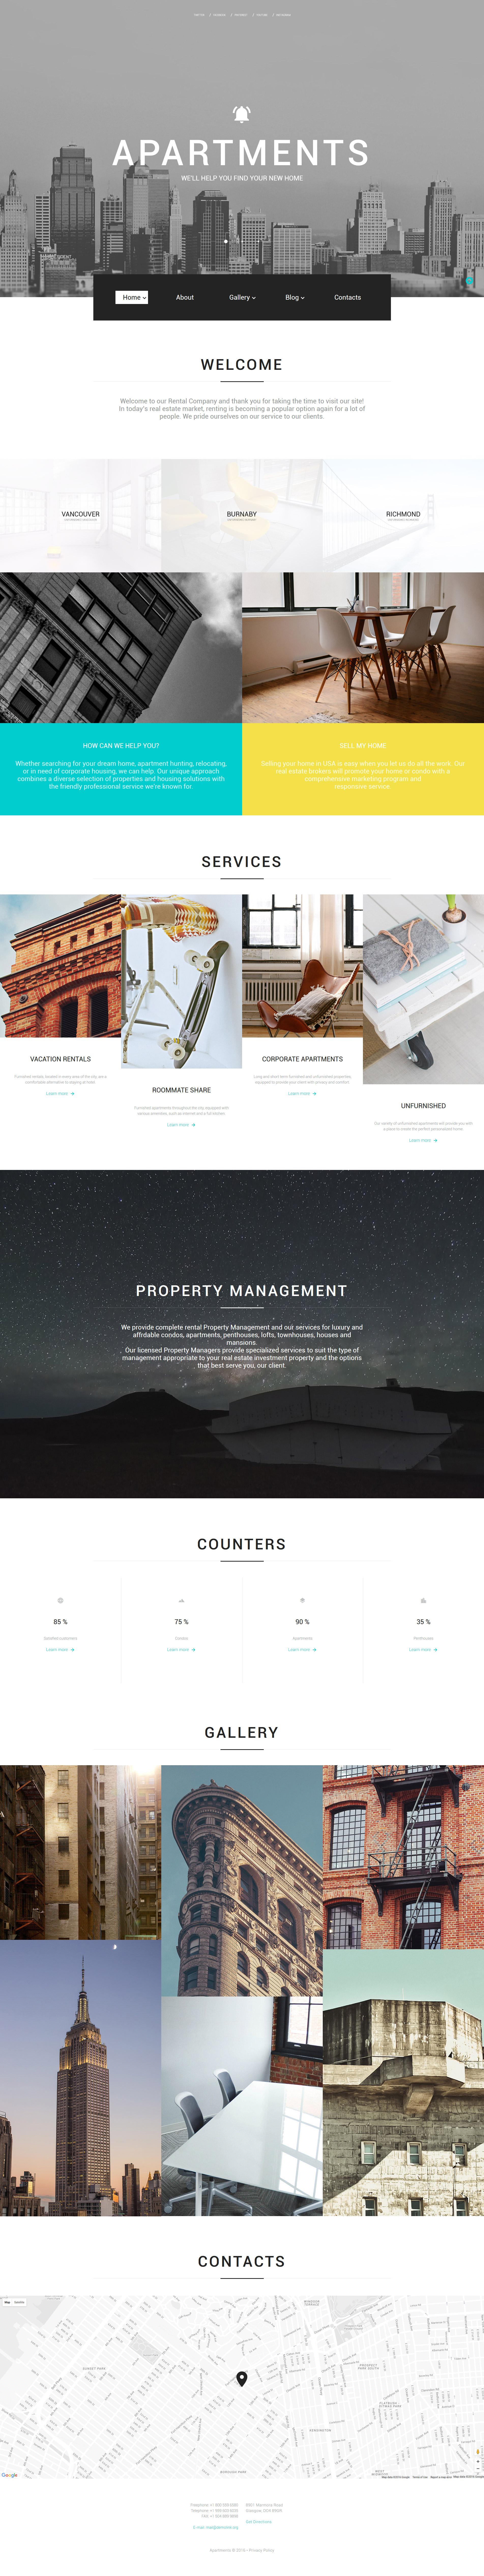 Reszponzív Apartments Weboldal sablon 58726 - képernyőkép